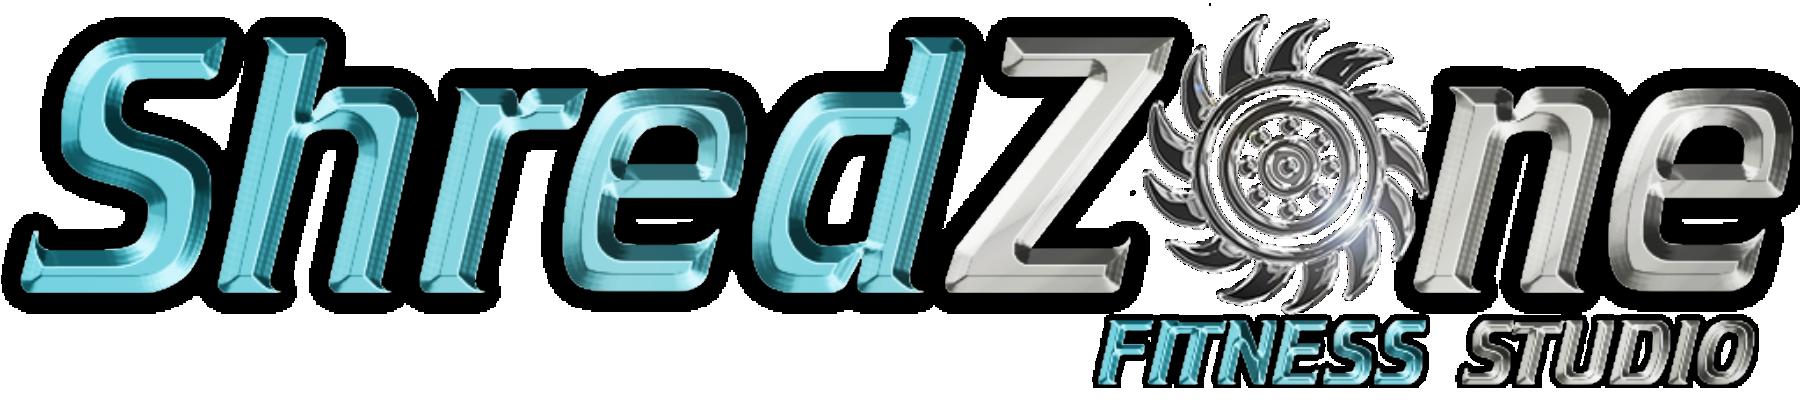 shredzone-logo.png